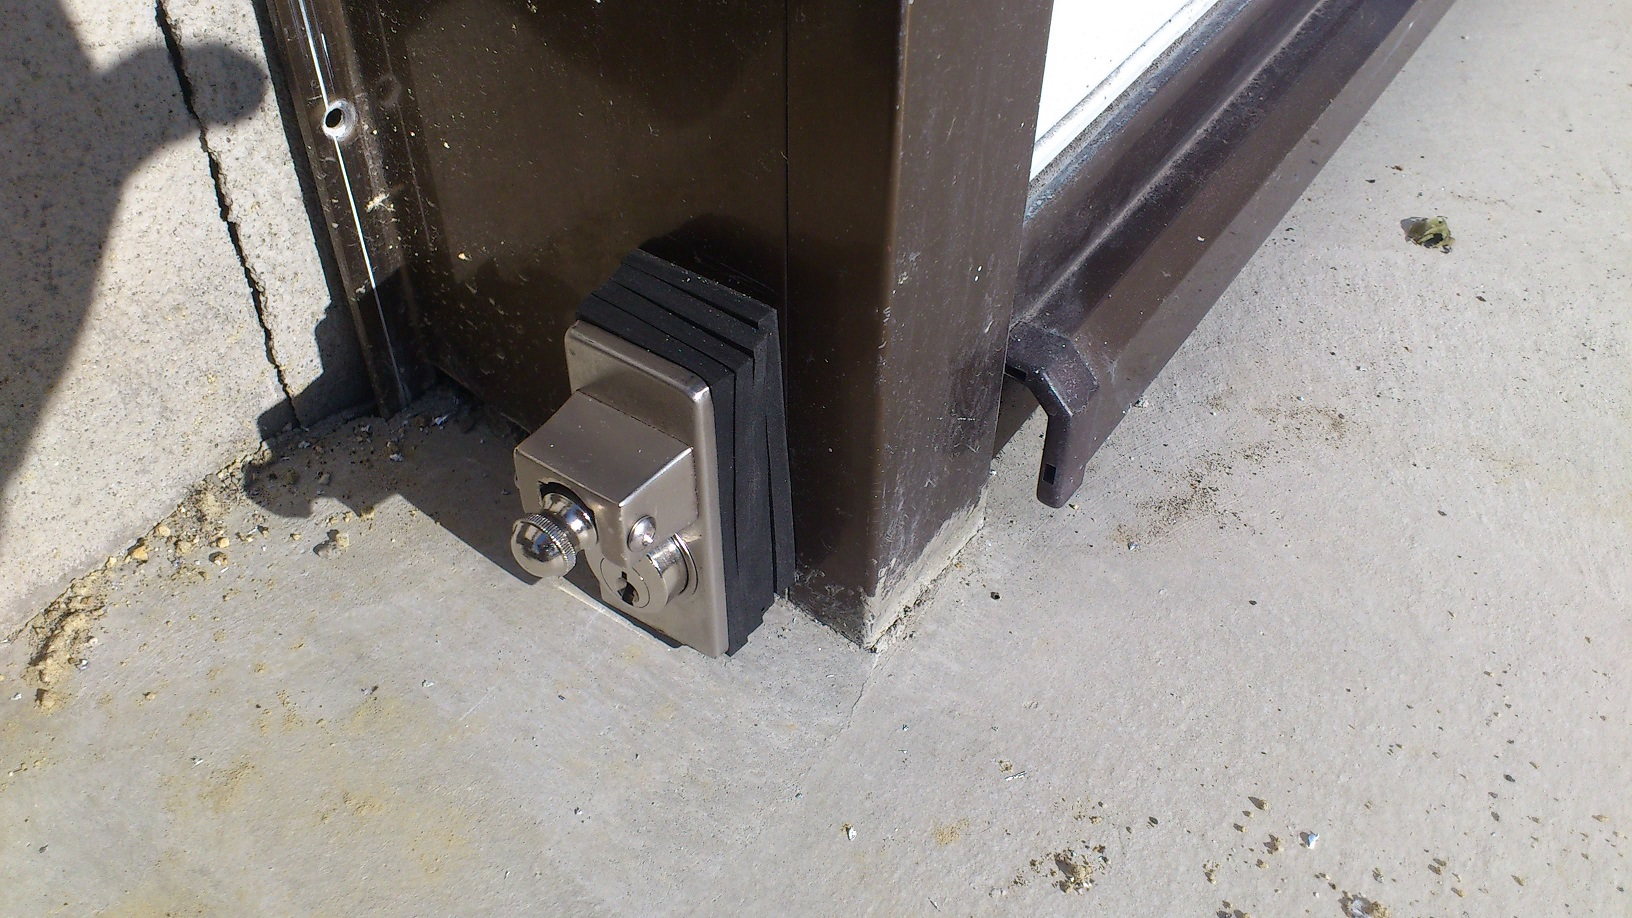 施錠時は棒を差し込んでから鍵を回します。